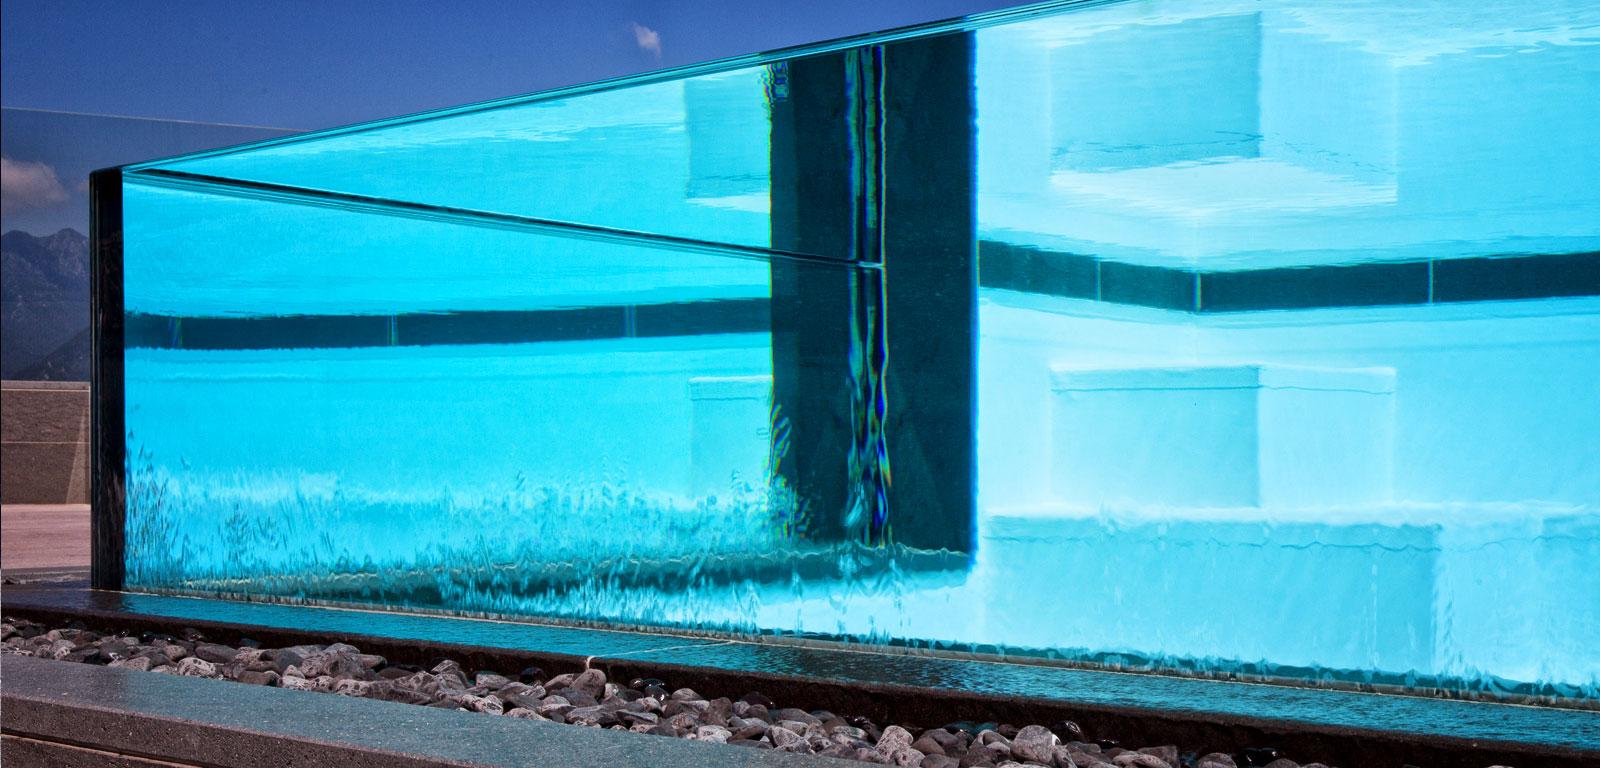 Sfioro crystal piscine castiglione - Piscina in vetro ...